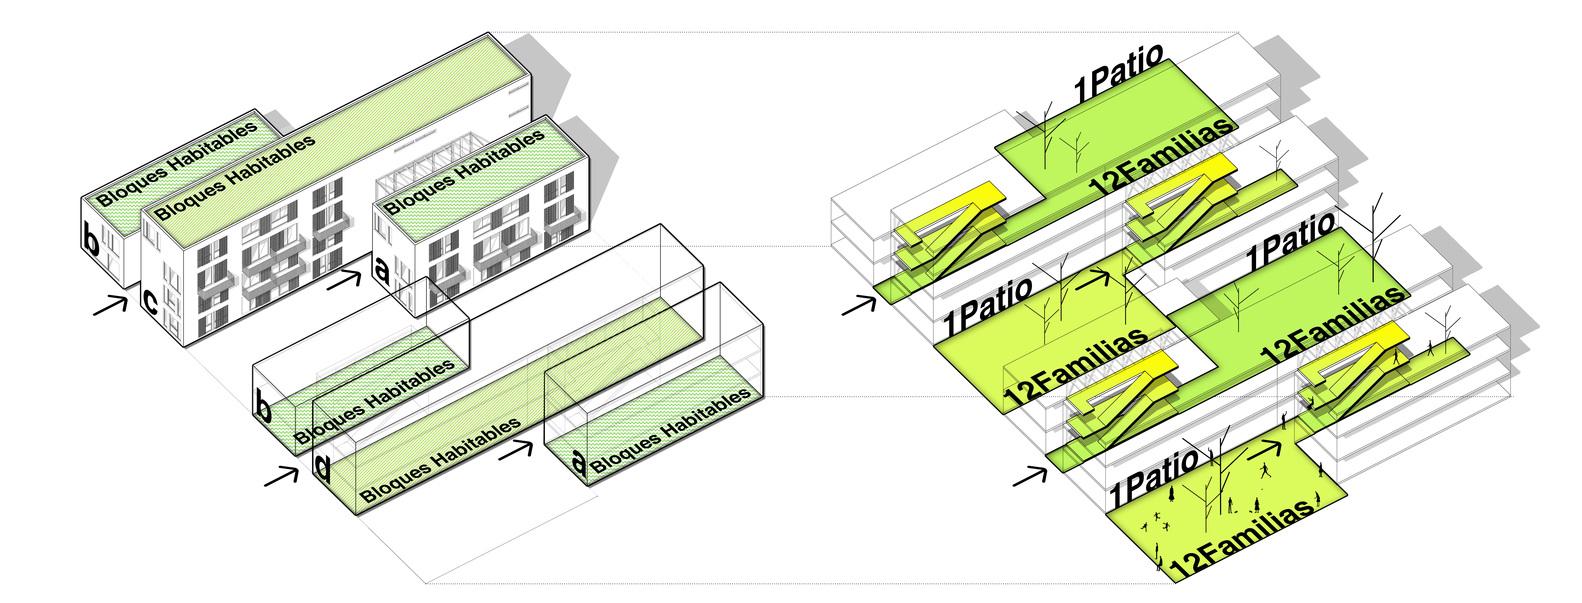 Modulos De Viviendas. Affordable Construccin Mdulos Vivienda En ...